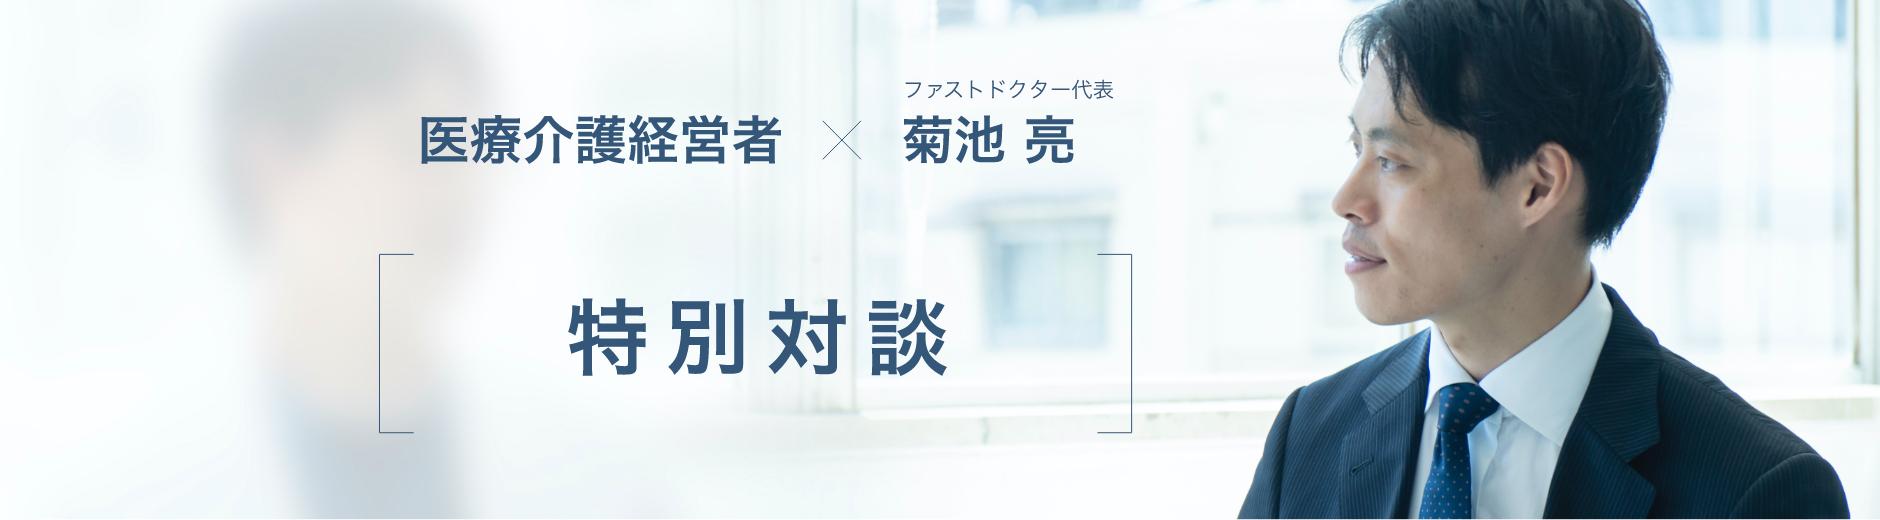 医療介護経営者×ファストドクター代表 菊池亮 特別対談